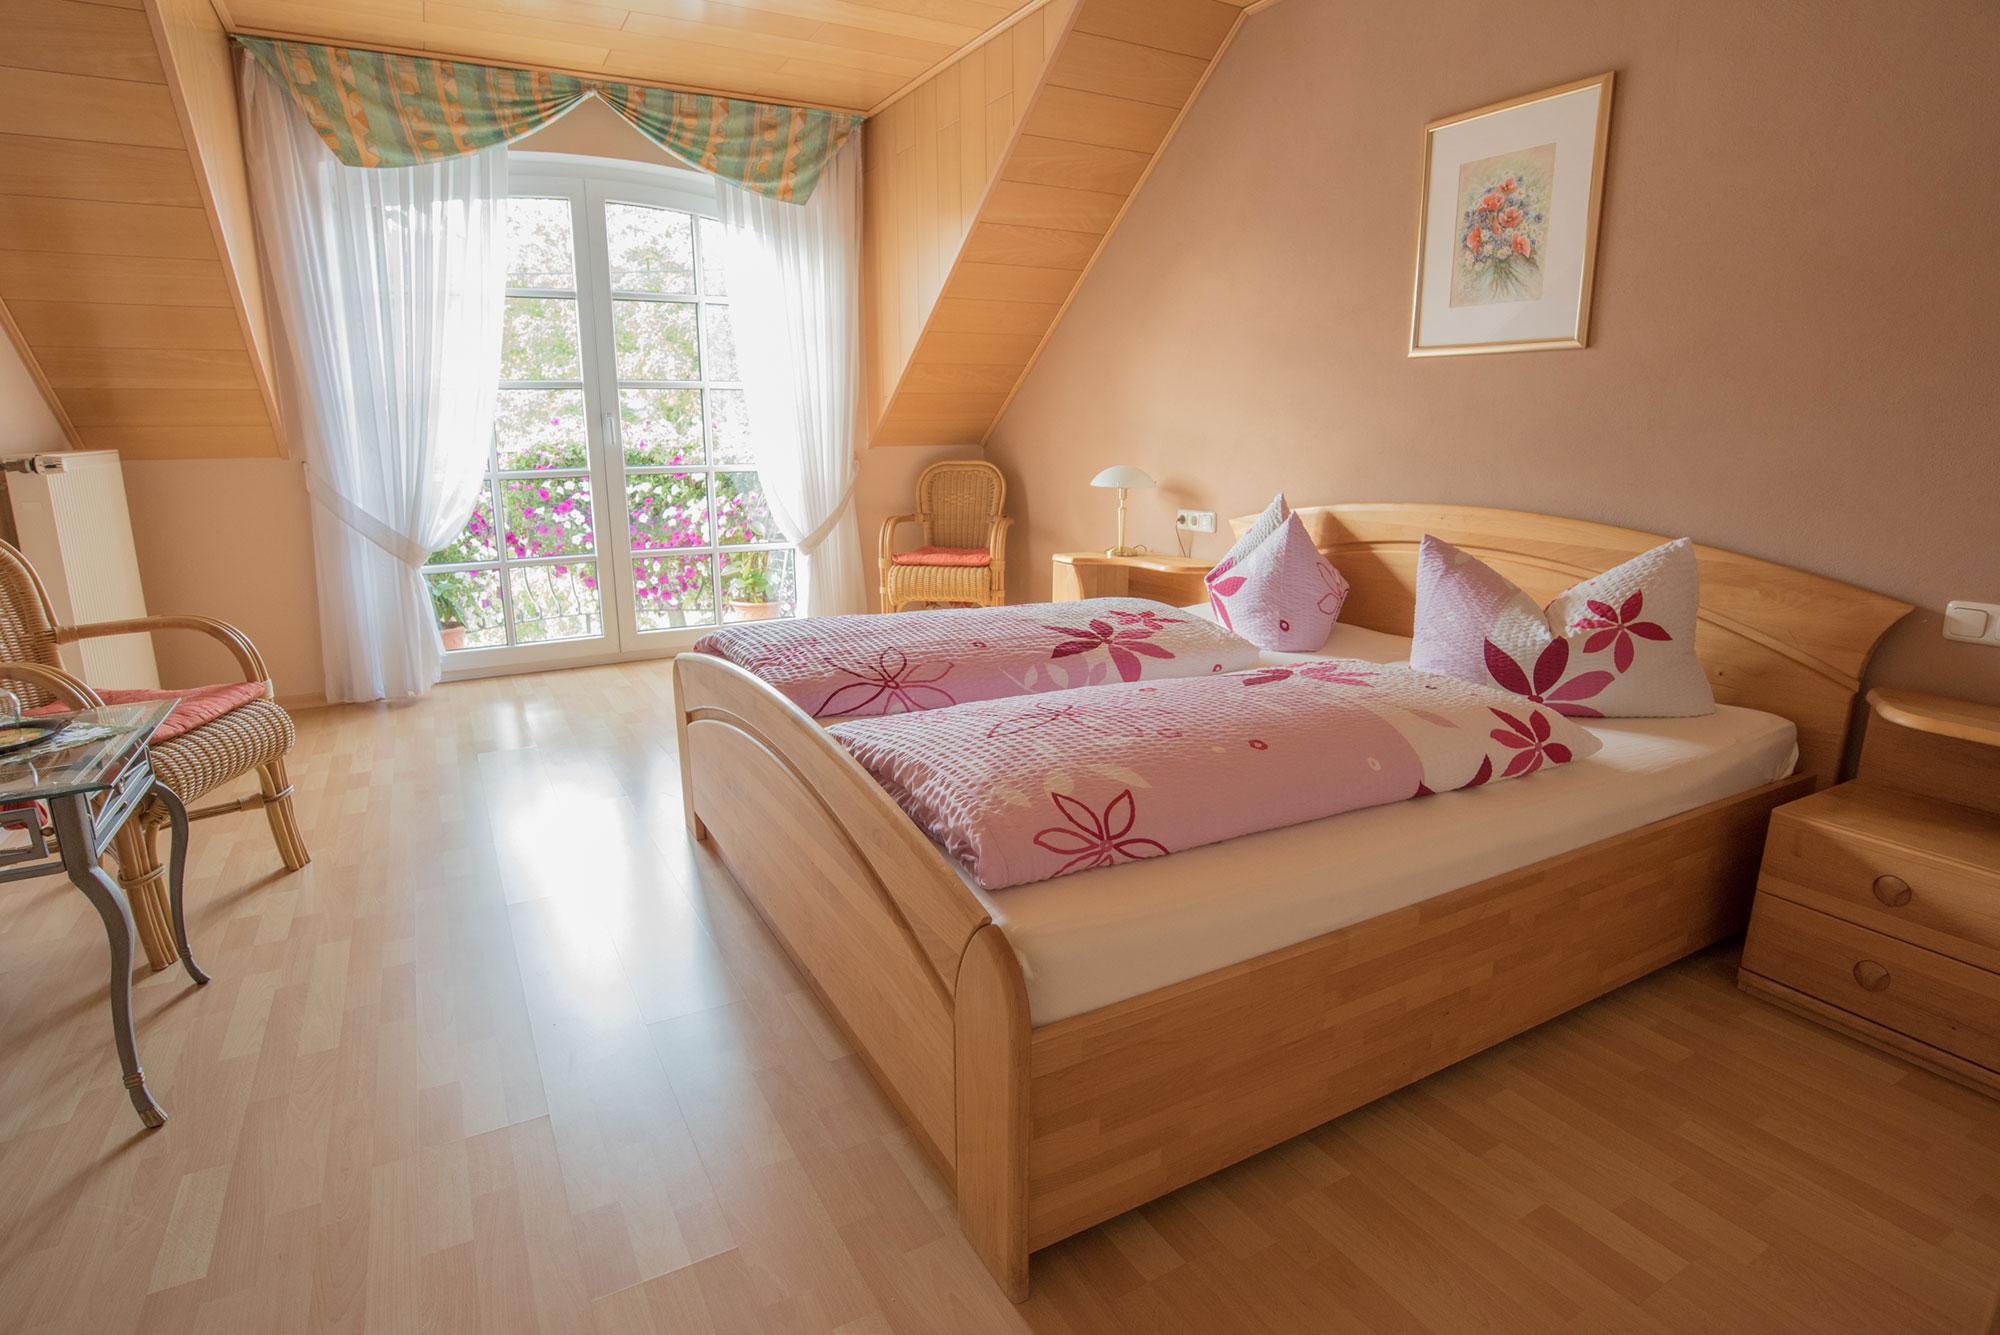 Gästezimmer Komfort in Lieser an der Mosel